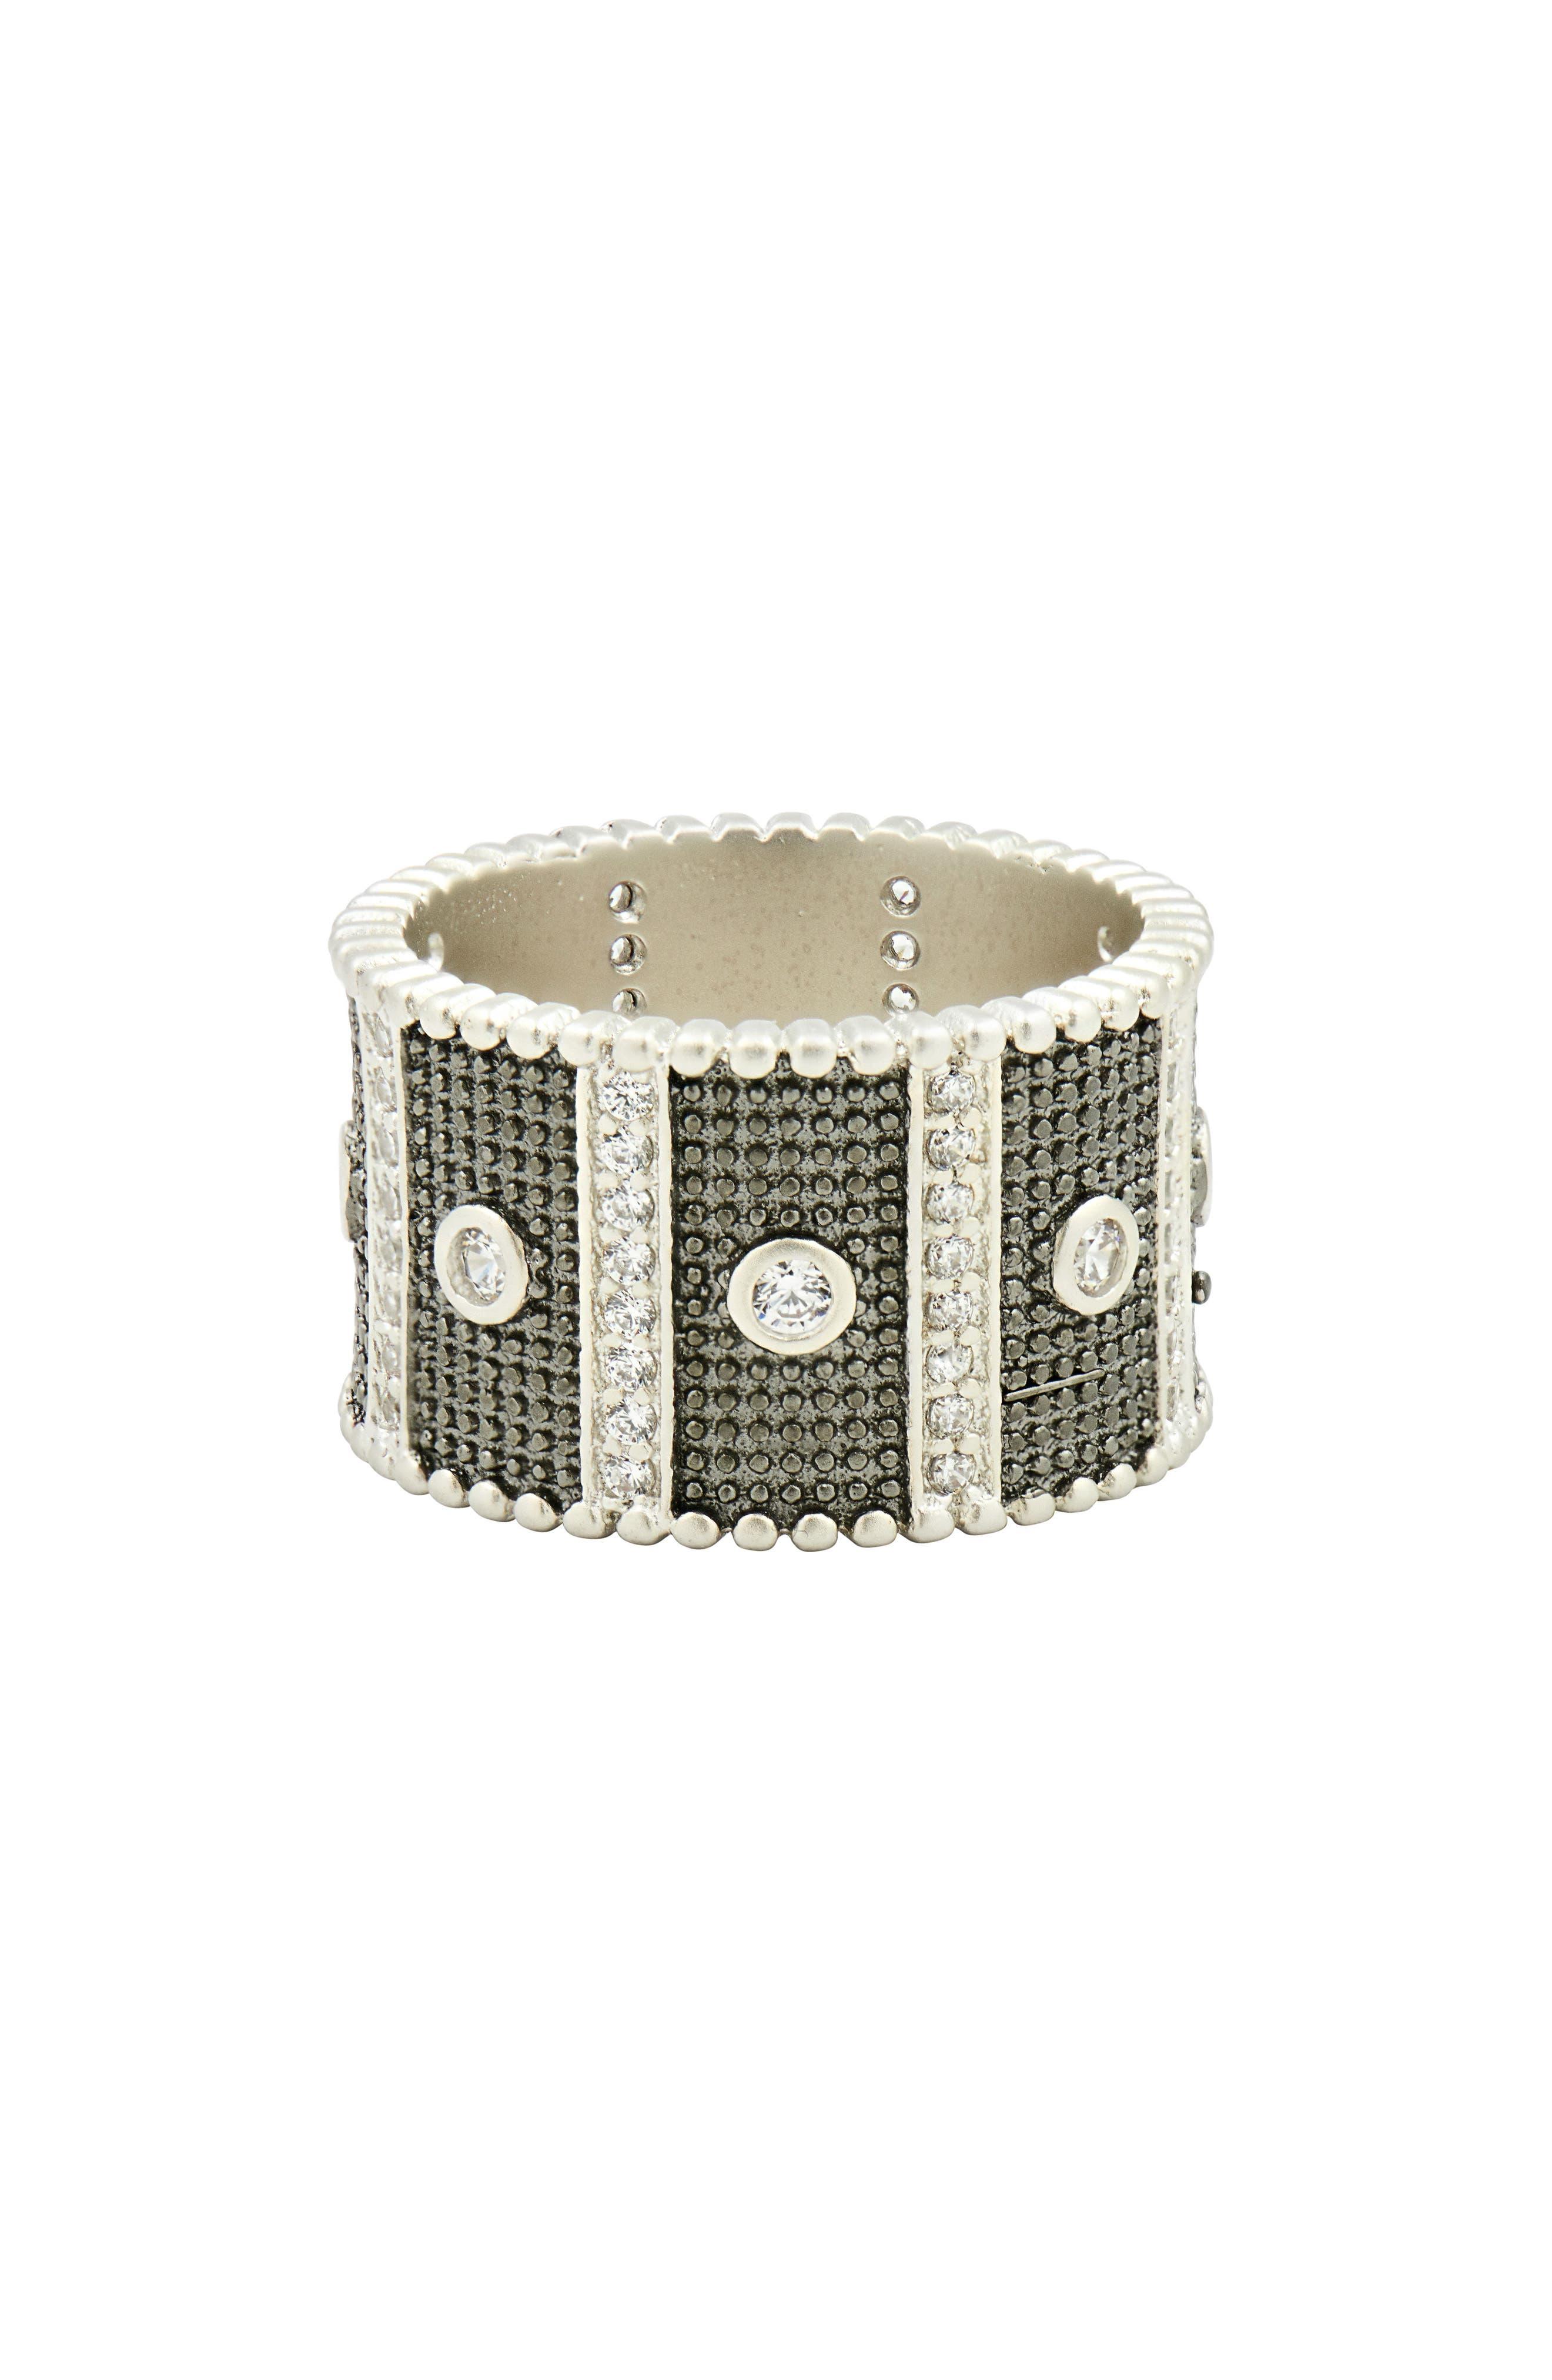 Main Image - FREIDA ROTHMAN Industrial Finish Cubic Zirconia Ring